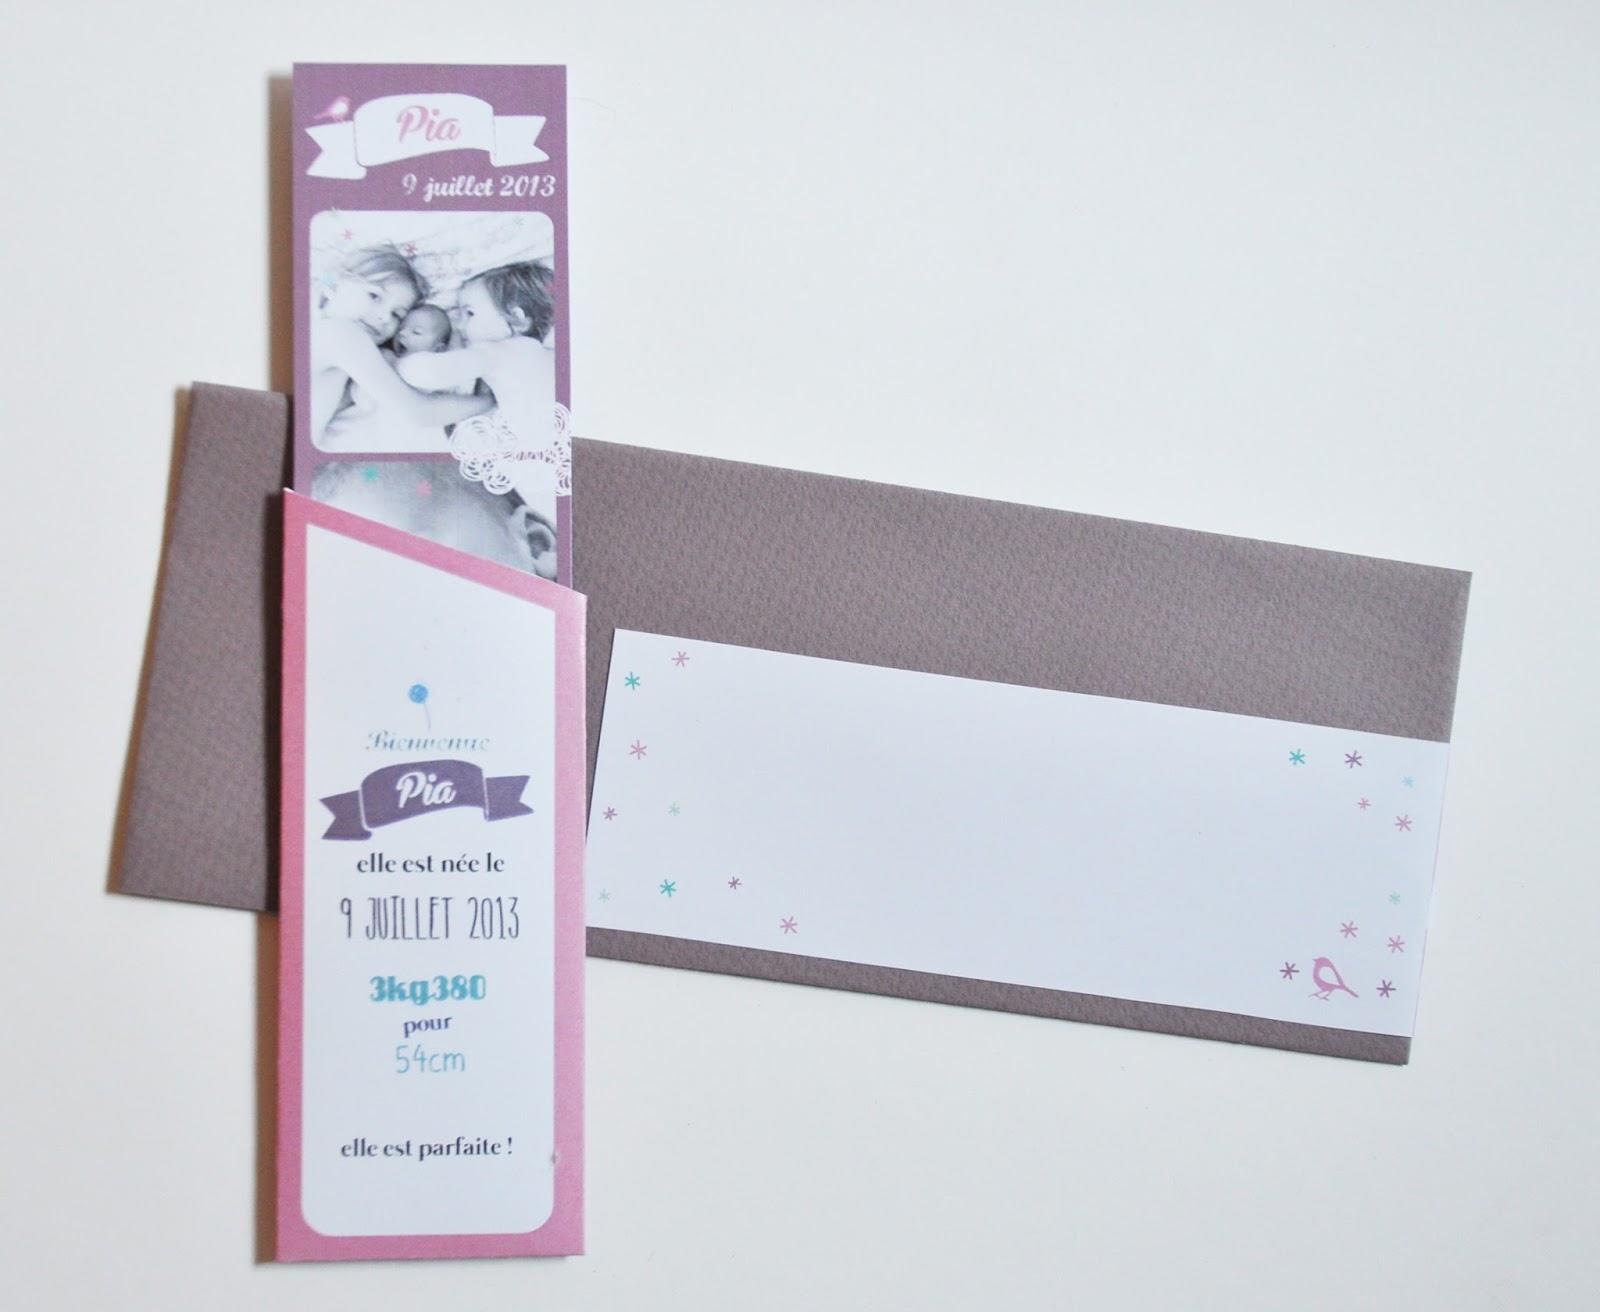 arr te de r ver faire part rose violet et taupe un photomaton dans une pochette pour pia. Black Bedroom Furniture Sets. Home Design Ideas